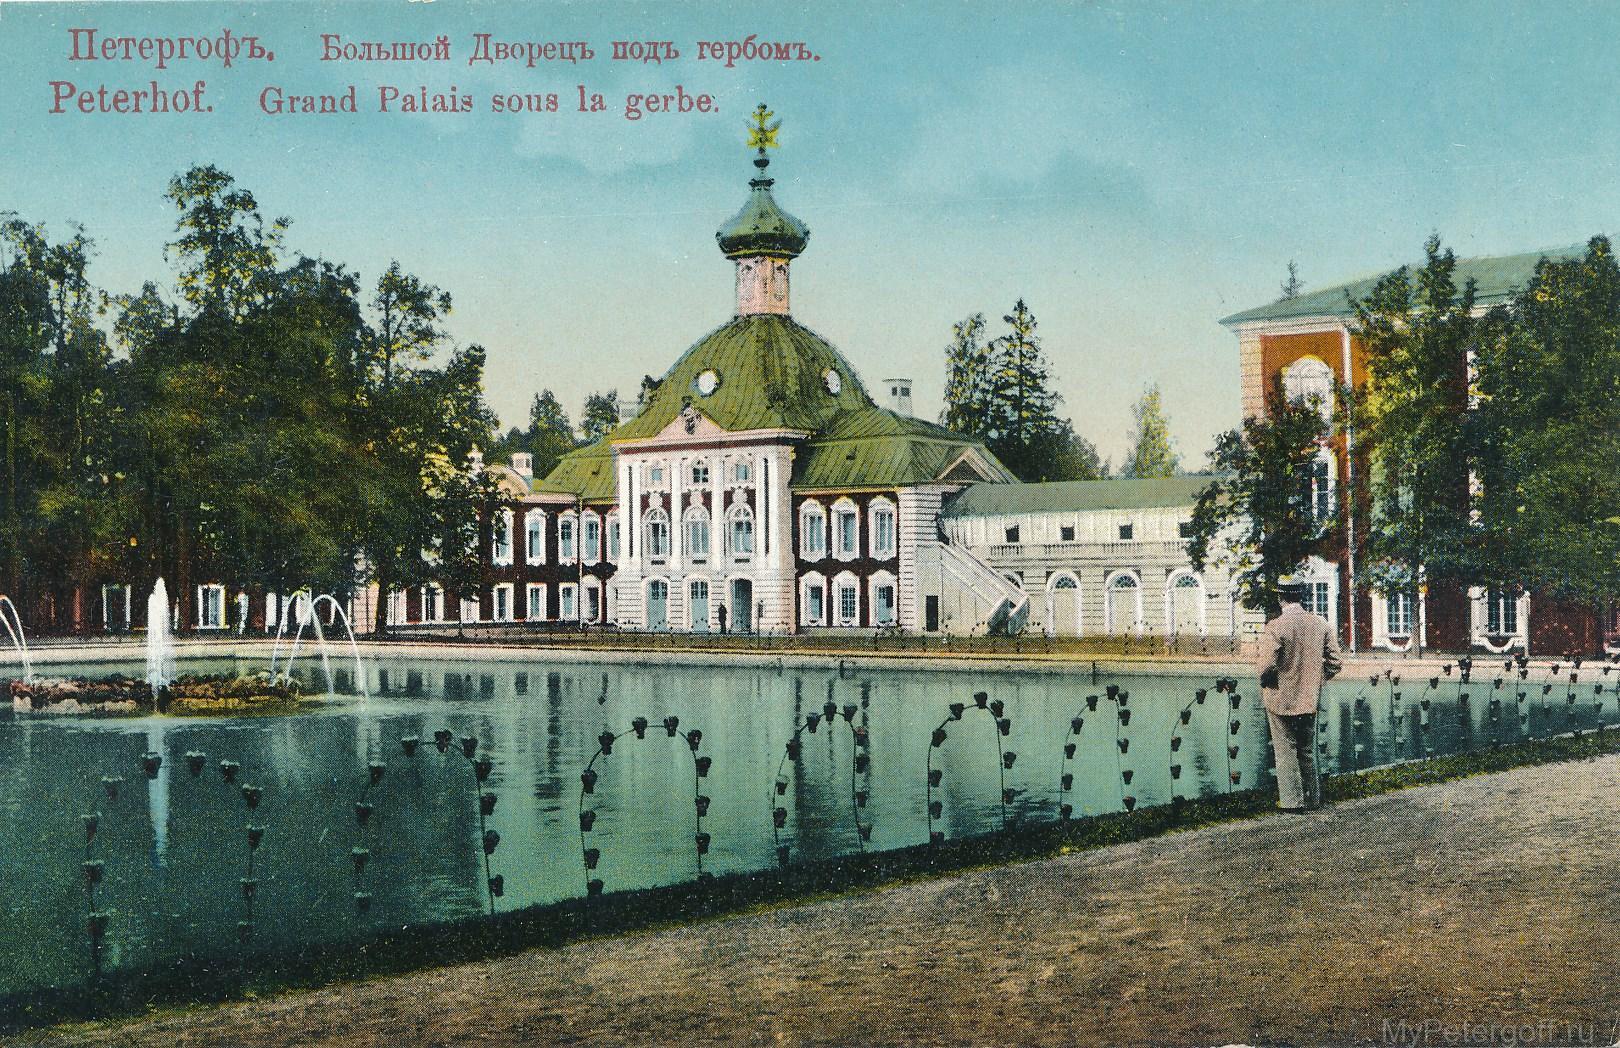 Большой дворец под гербом